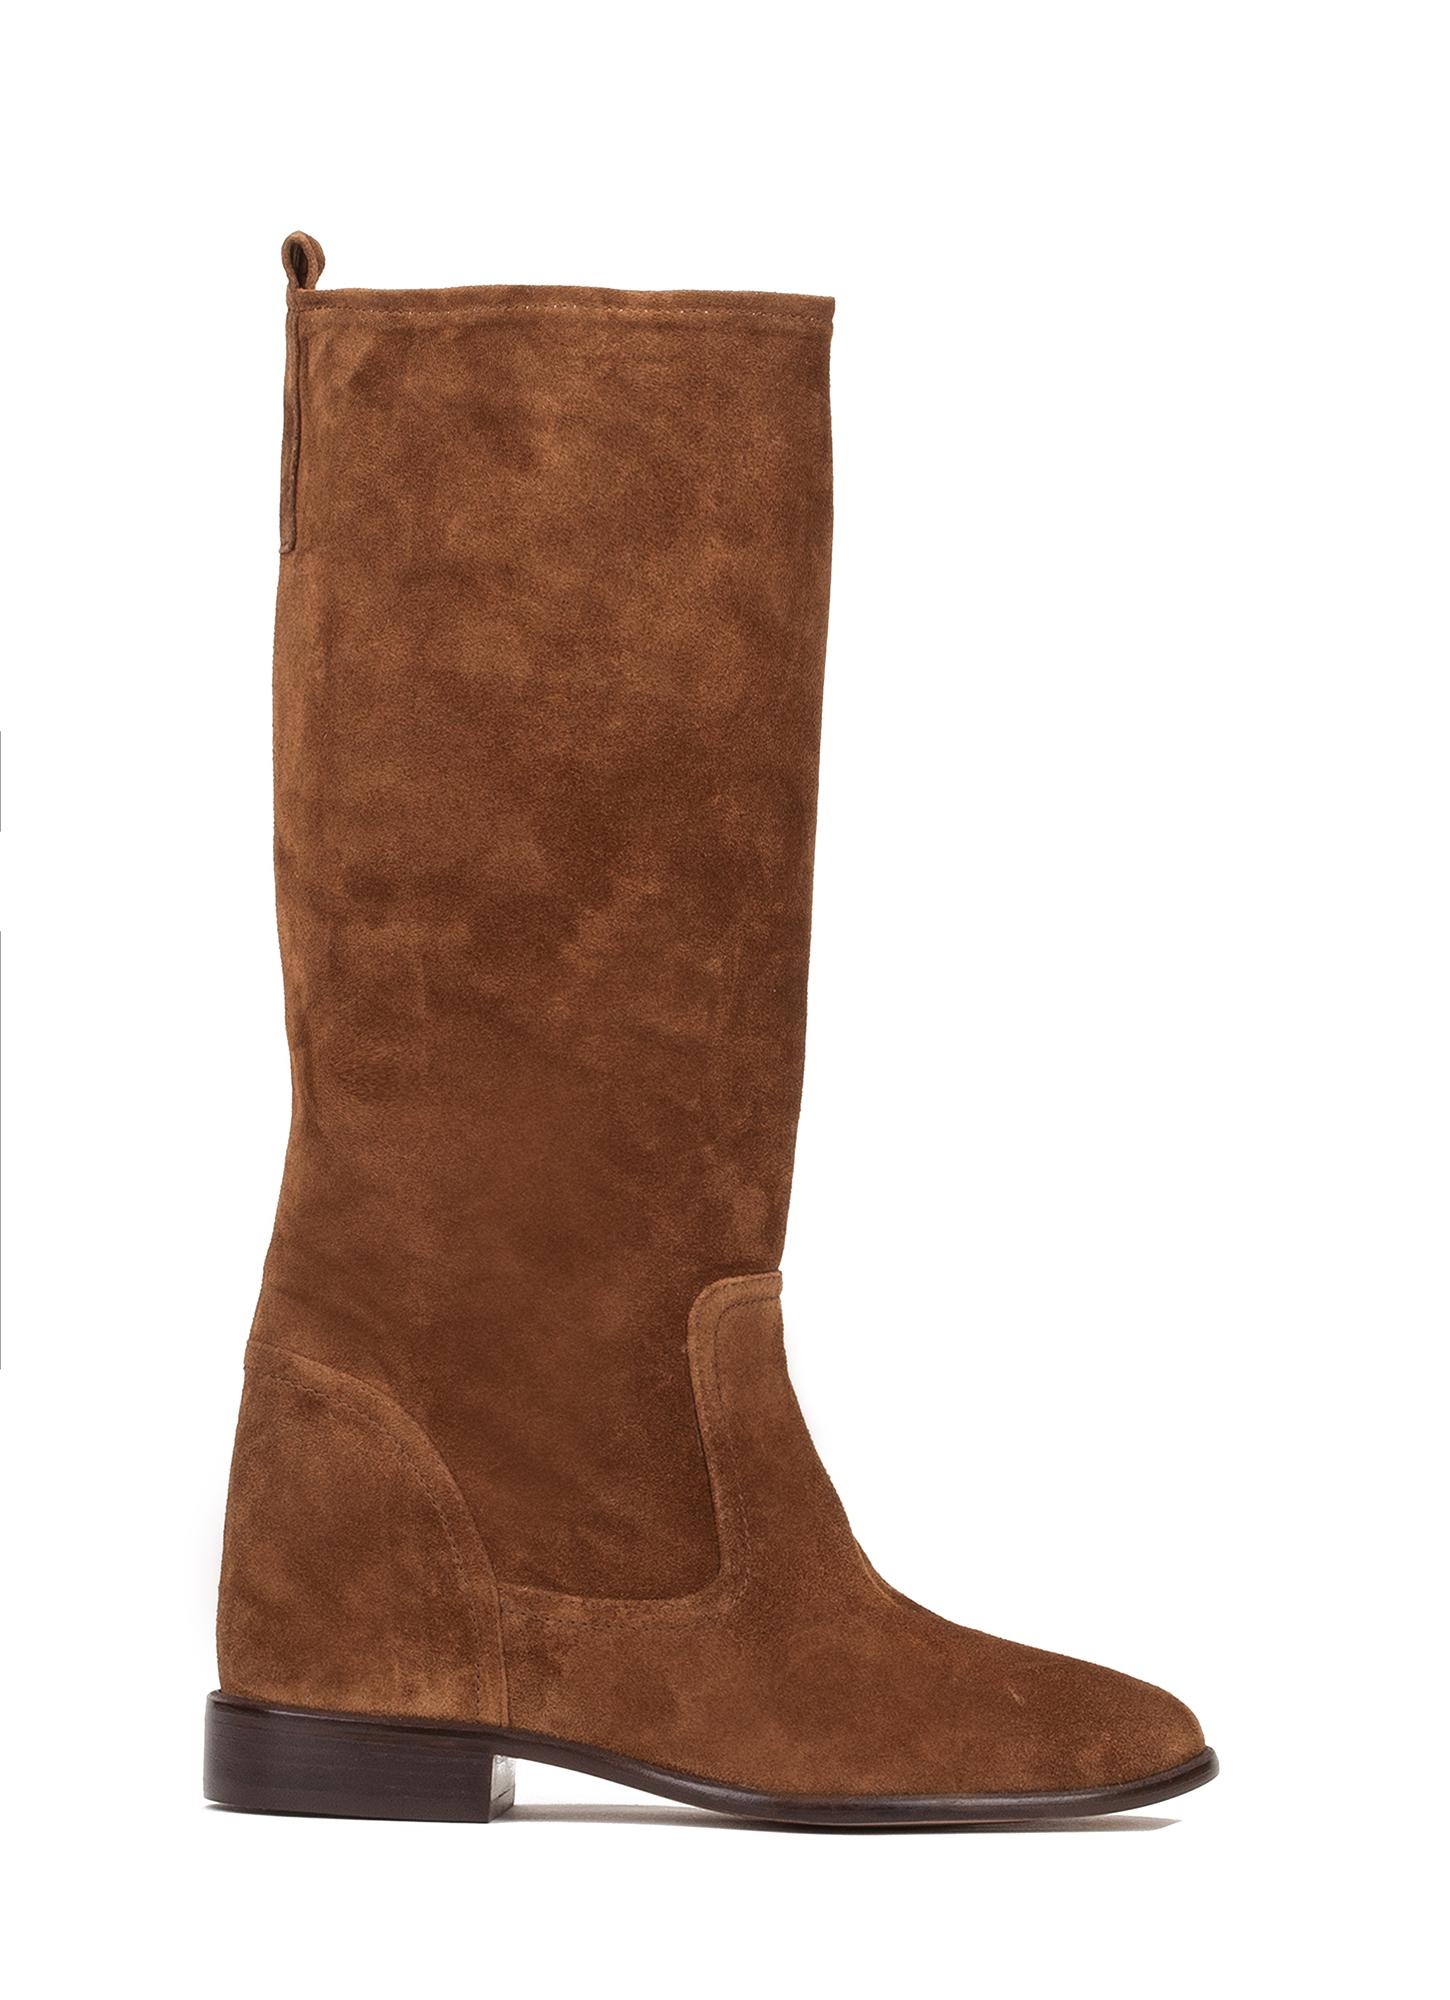 Botas marrones con cu a interior tienda de zapatos mujer for Botines con cuna interior